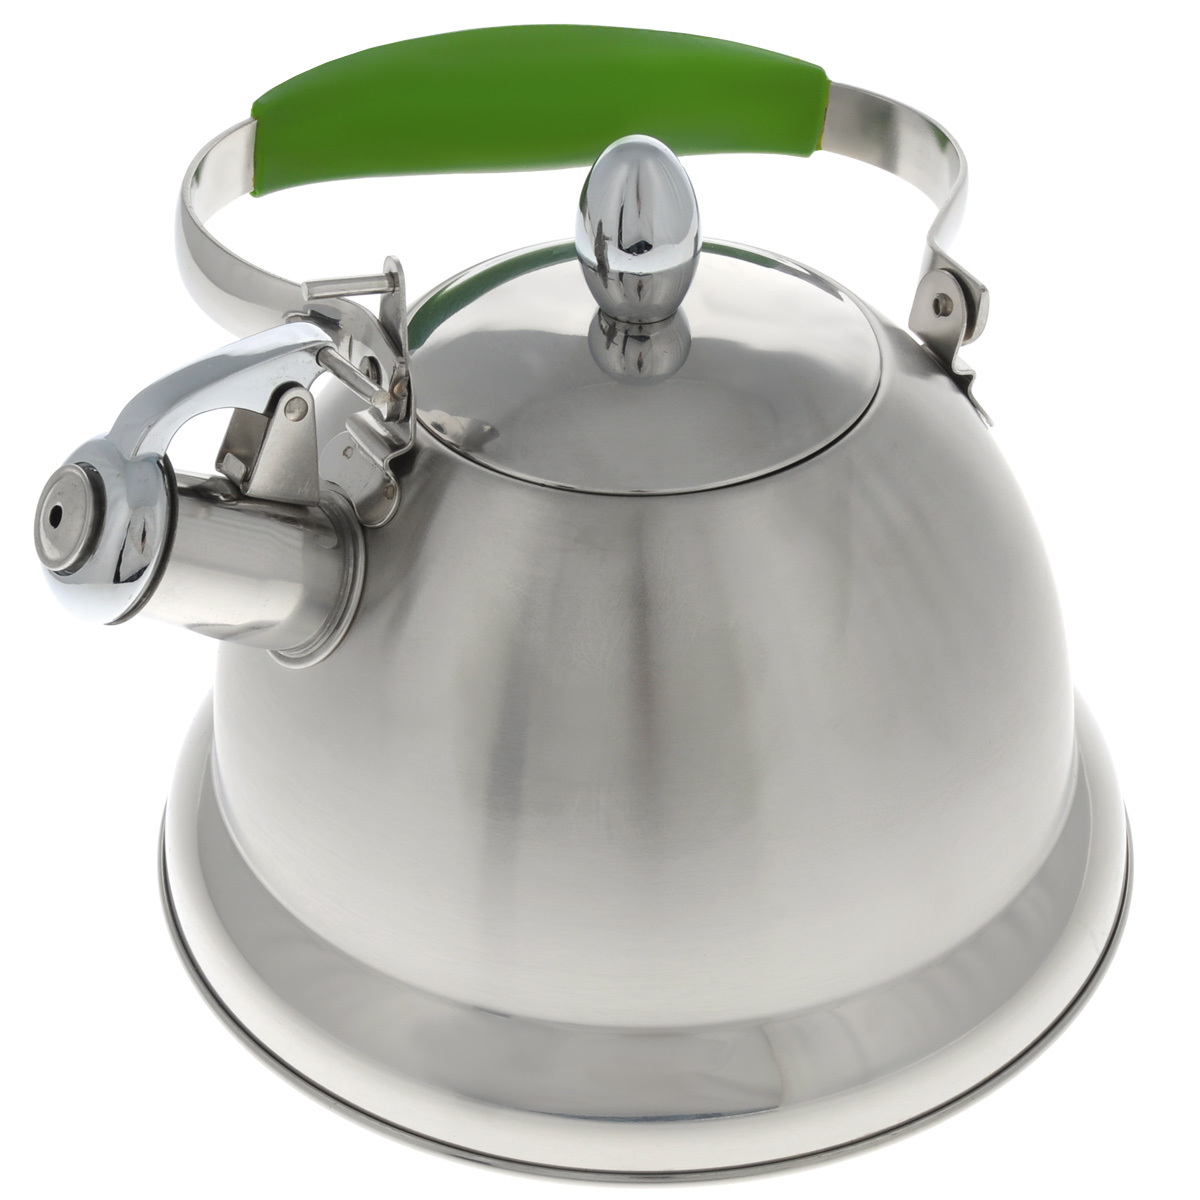 """Чайник """"Mayer & Boch"""" выполнен из  высококачественной нержавеющей стали,  что обеспечивает долговечность использования.  Сочетание матовой и глянцевой поверхности  придает посуде эстетичный внешний вид. Ручка  оснащена силиконовой вставкой для  предотвращения ожогов на руках. Чайник  снабжен свистком и устройством для открывания  носика.  Можно мыть в посудомоечной машине. Пригоден  для газовой, электрической,  стеклокерамической, галогеновой плиты.  Диаметр (по верхнему краю): 10 см.  Высота чайника (без учета крышки и ручки): 14  см. Диаметр основания: 22 см."""